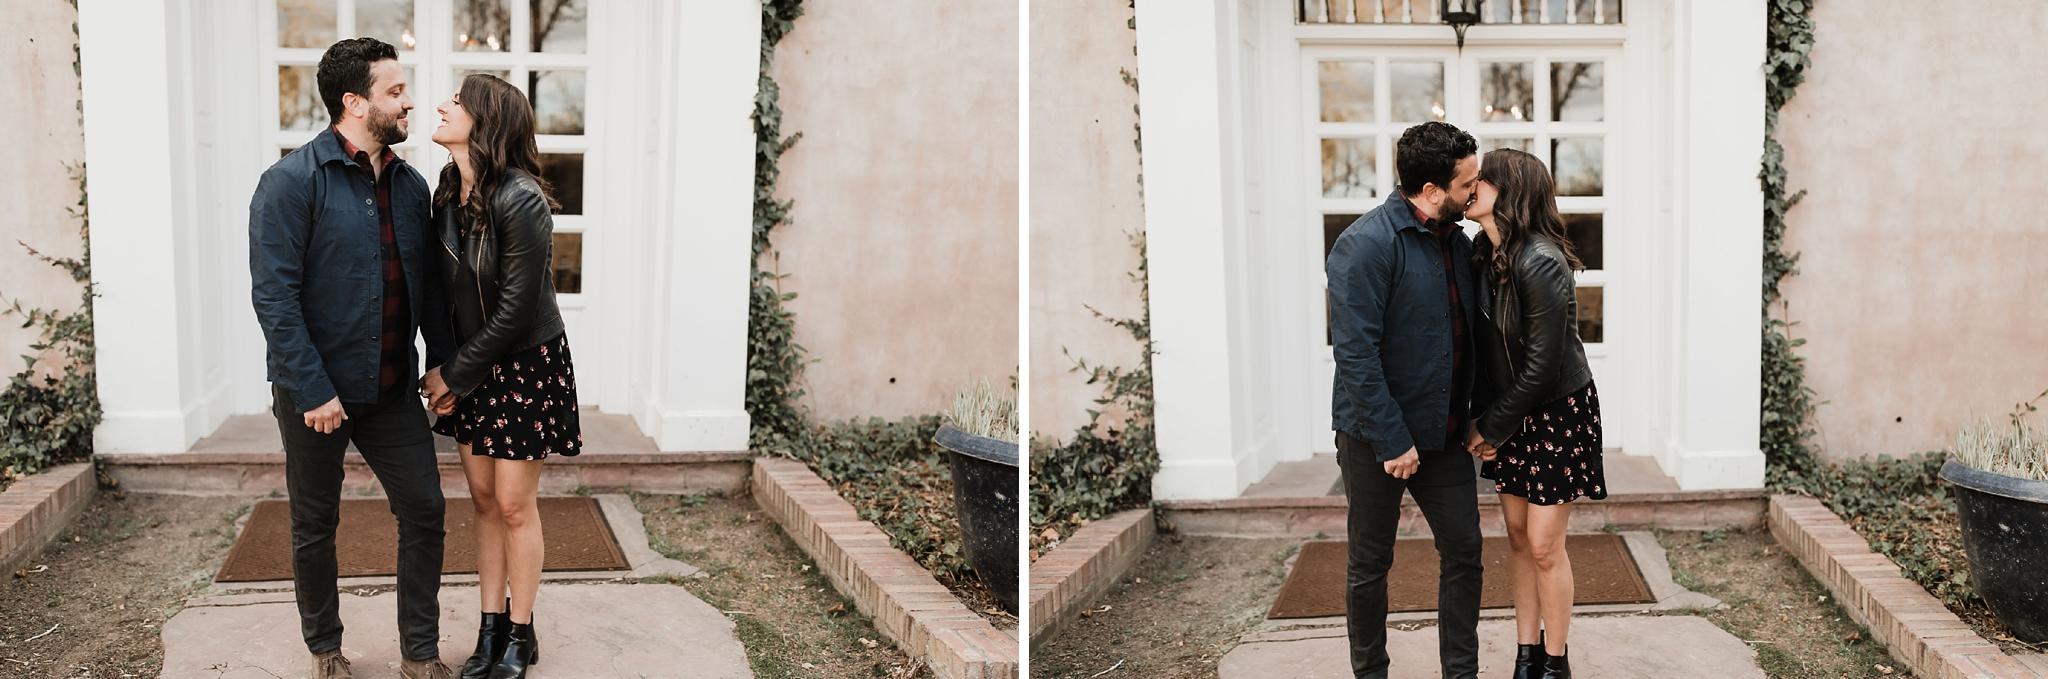 Alicia+lucia+photography+-+albuquerque+wedding+photographer+-+santa+fe+wedding+photography+-+new+mexico+wedding+photographer+-+new+mexico+wedding+-+new+mexico+engagement+-+los+poblanos+engagement+-+los+poblanos+wedding+-+fall+wedding_0018.jpg